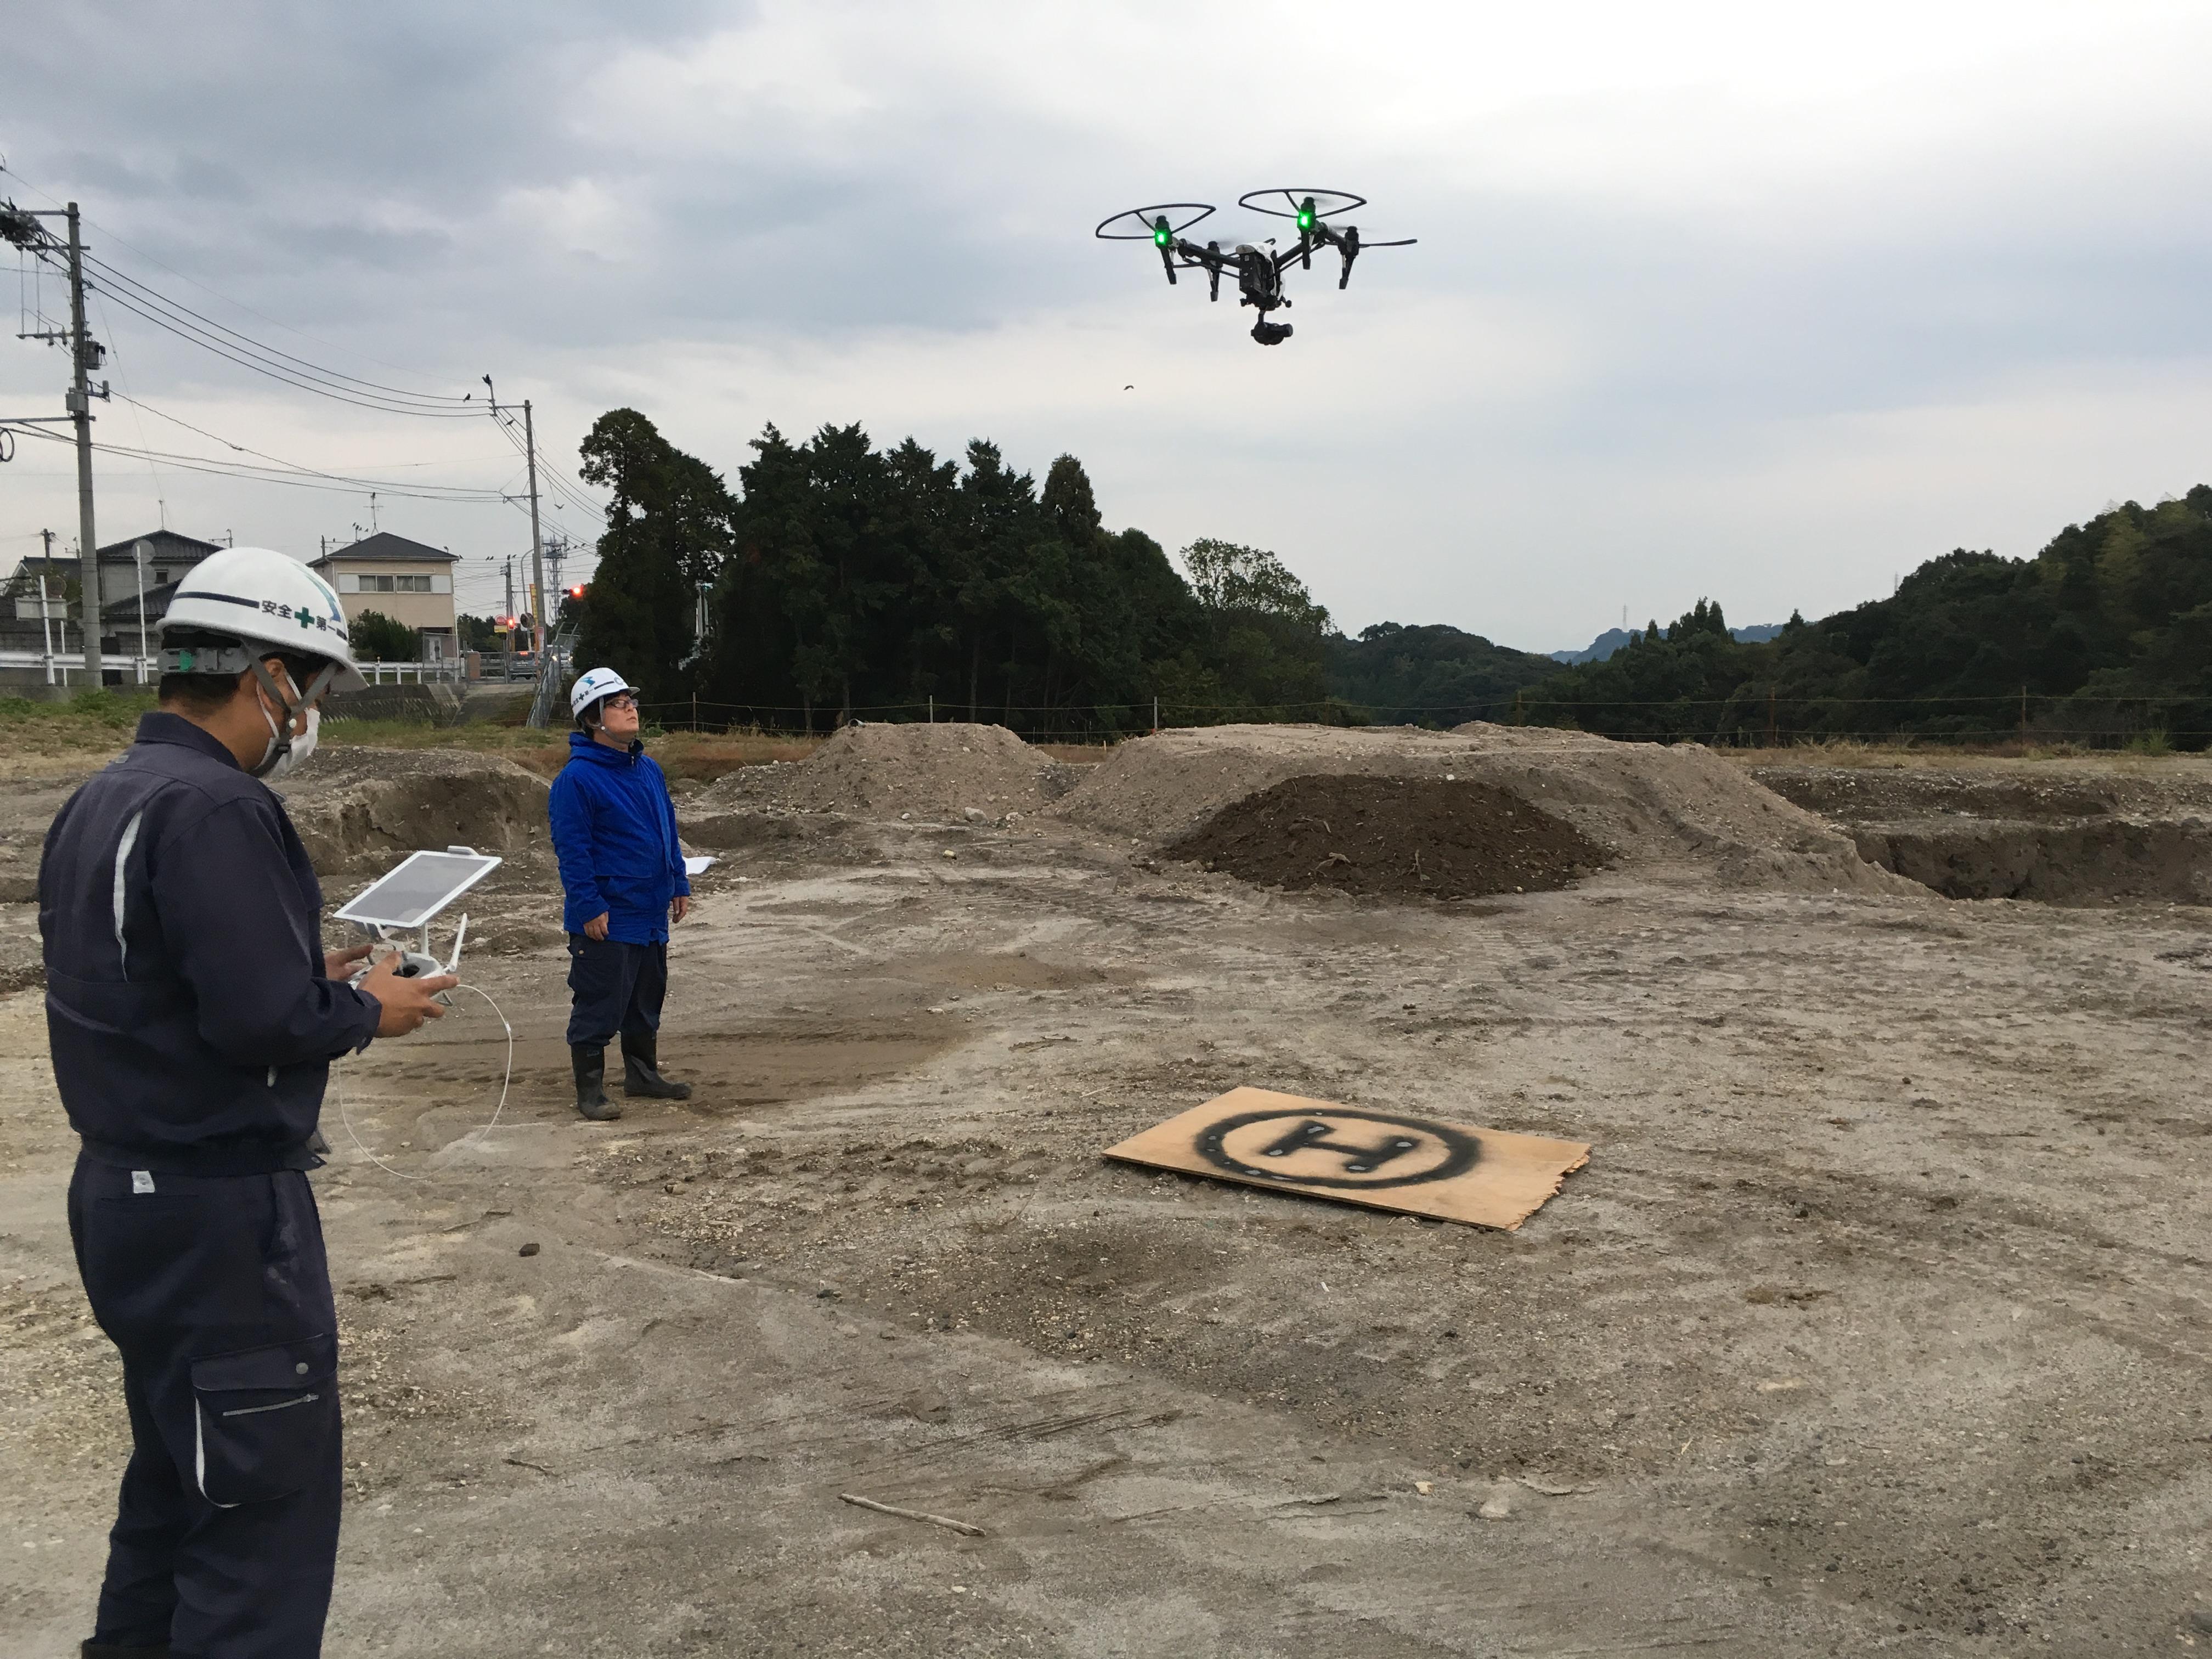 ドローン(UAV)を用いた測量が普及した背景とは? i-Constructionを徹底解説!